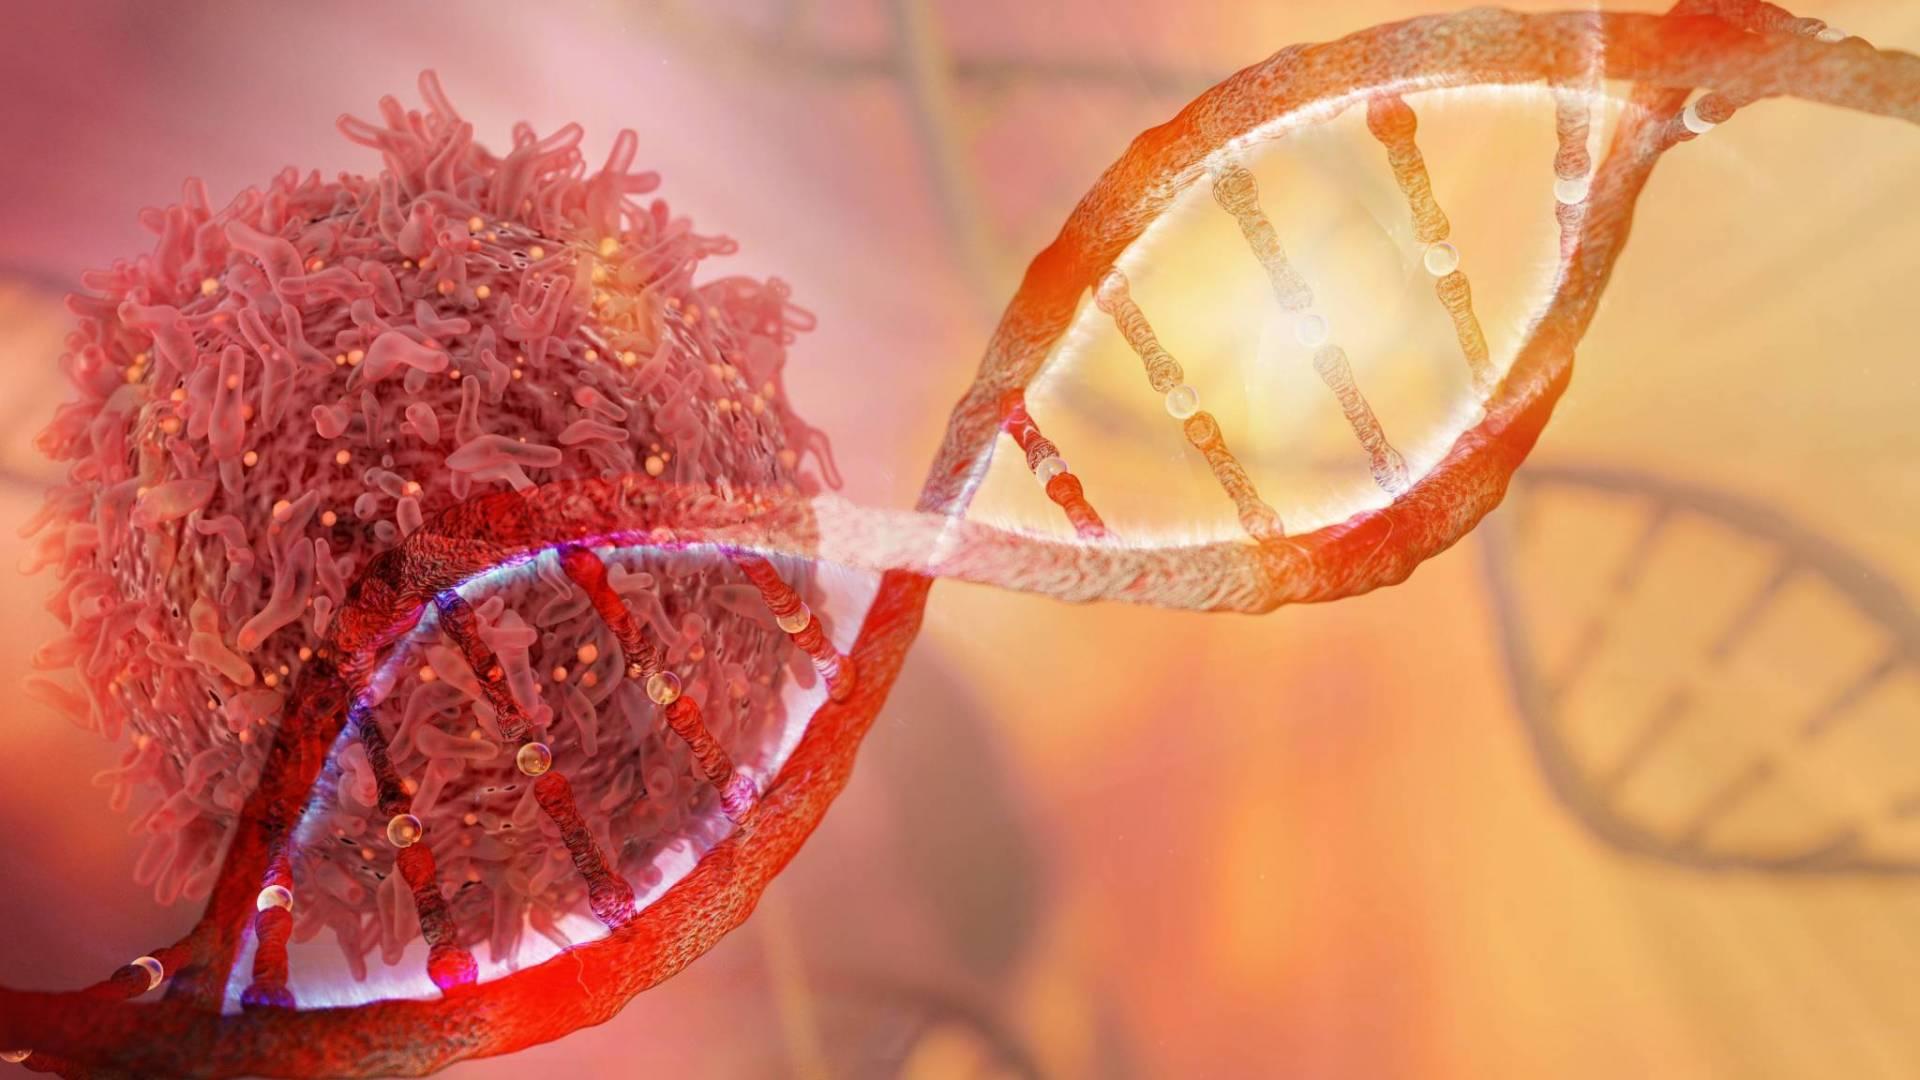 علامات نمو السرطان